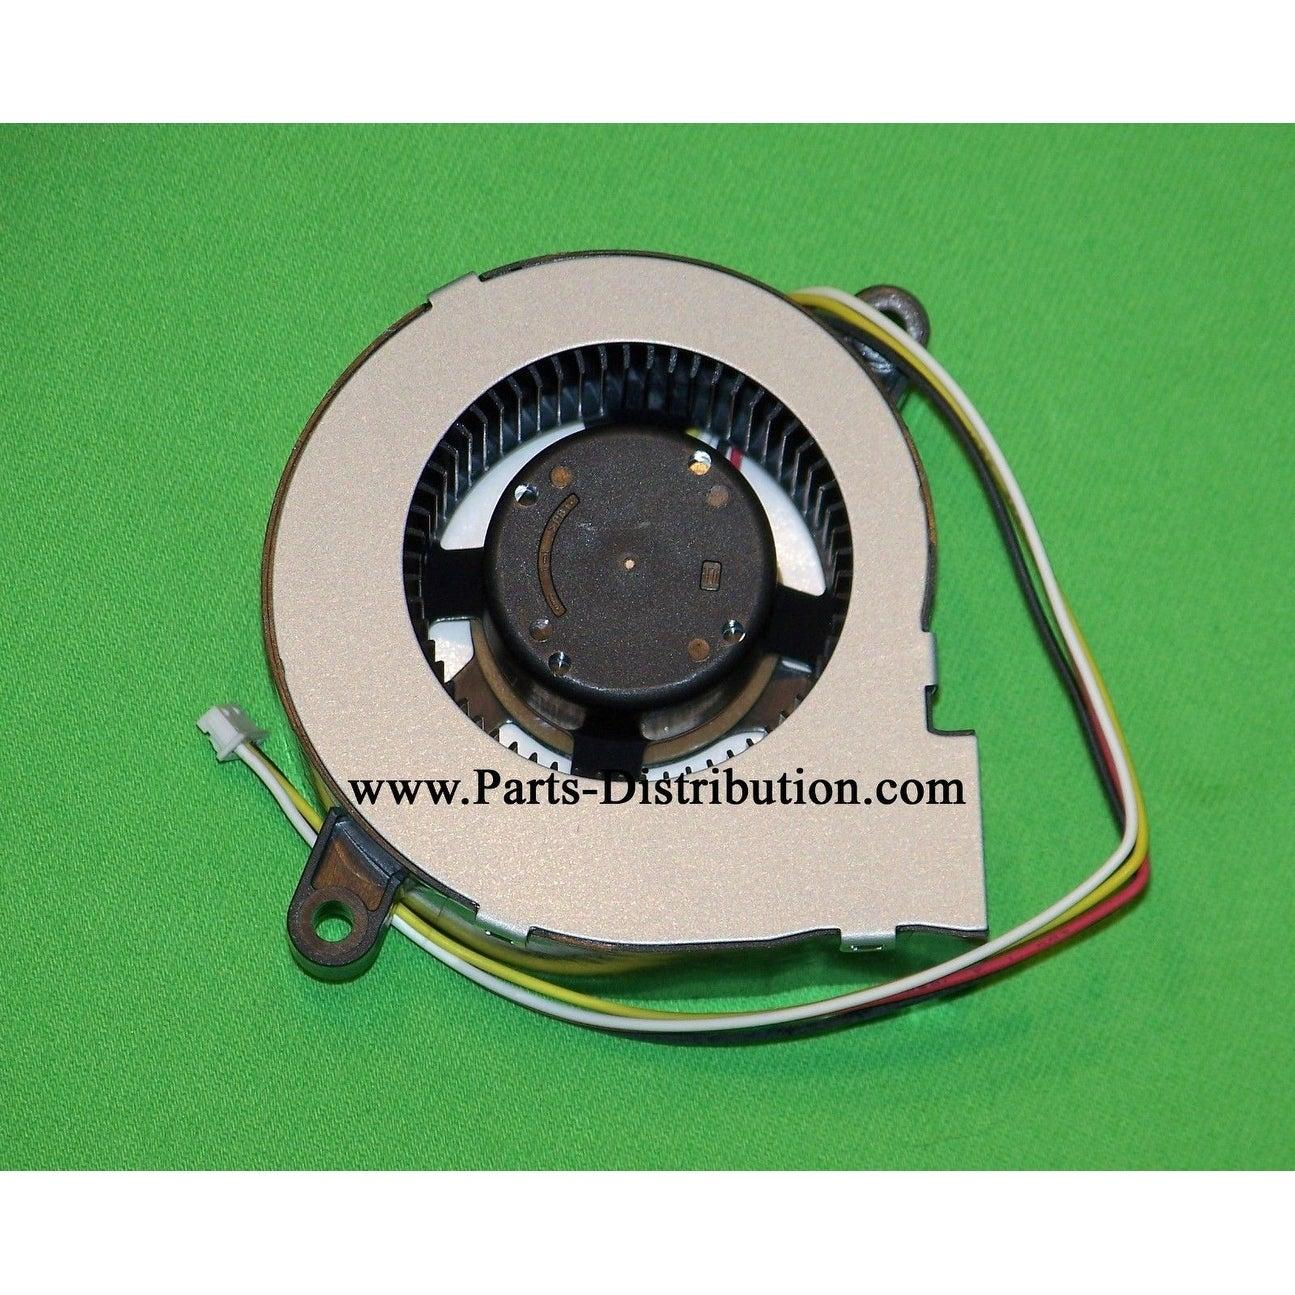 BM6023-09W-S46 Epson Projector Lamp Fan